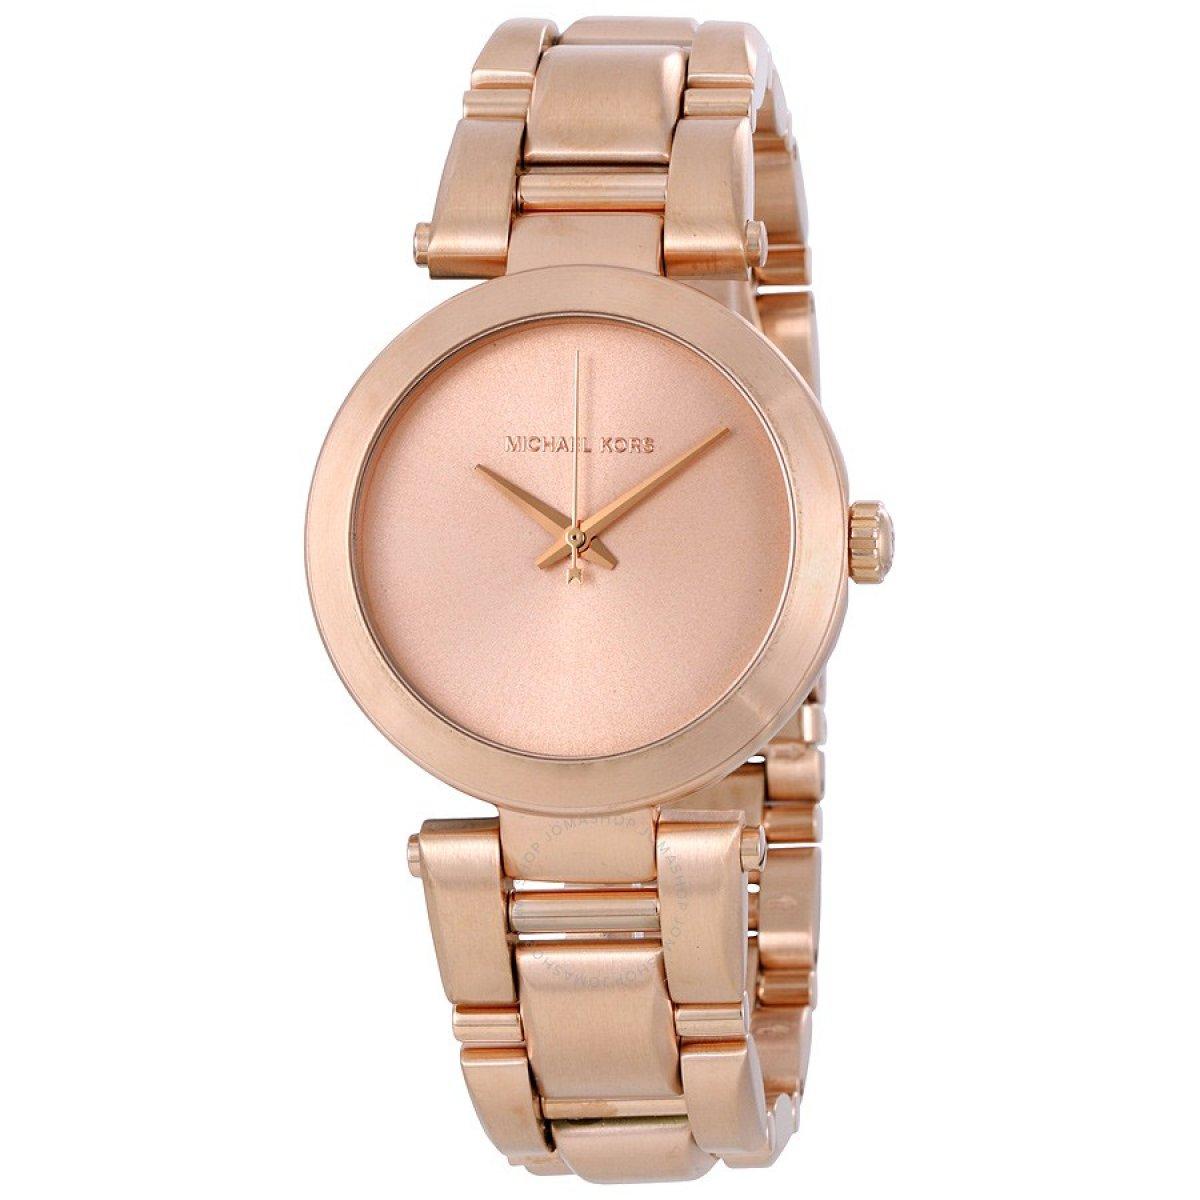 Elegantné hodinky MICHAEL KORS v ružovom prevedení MK3518  bf943348a3a